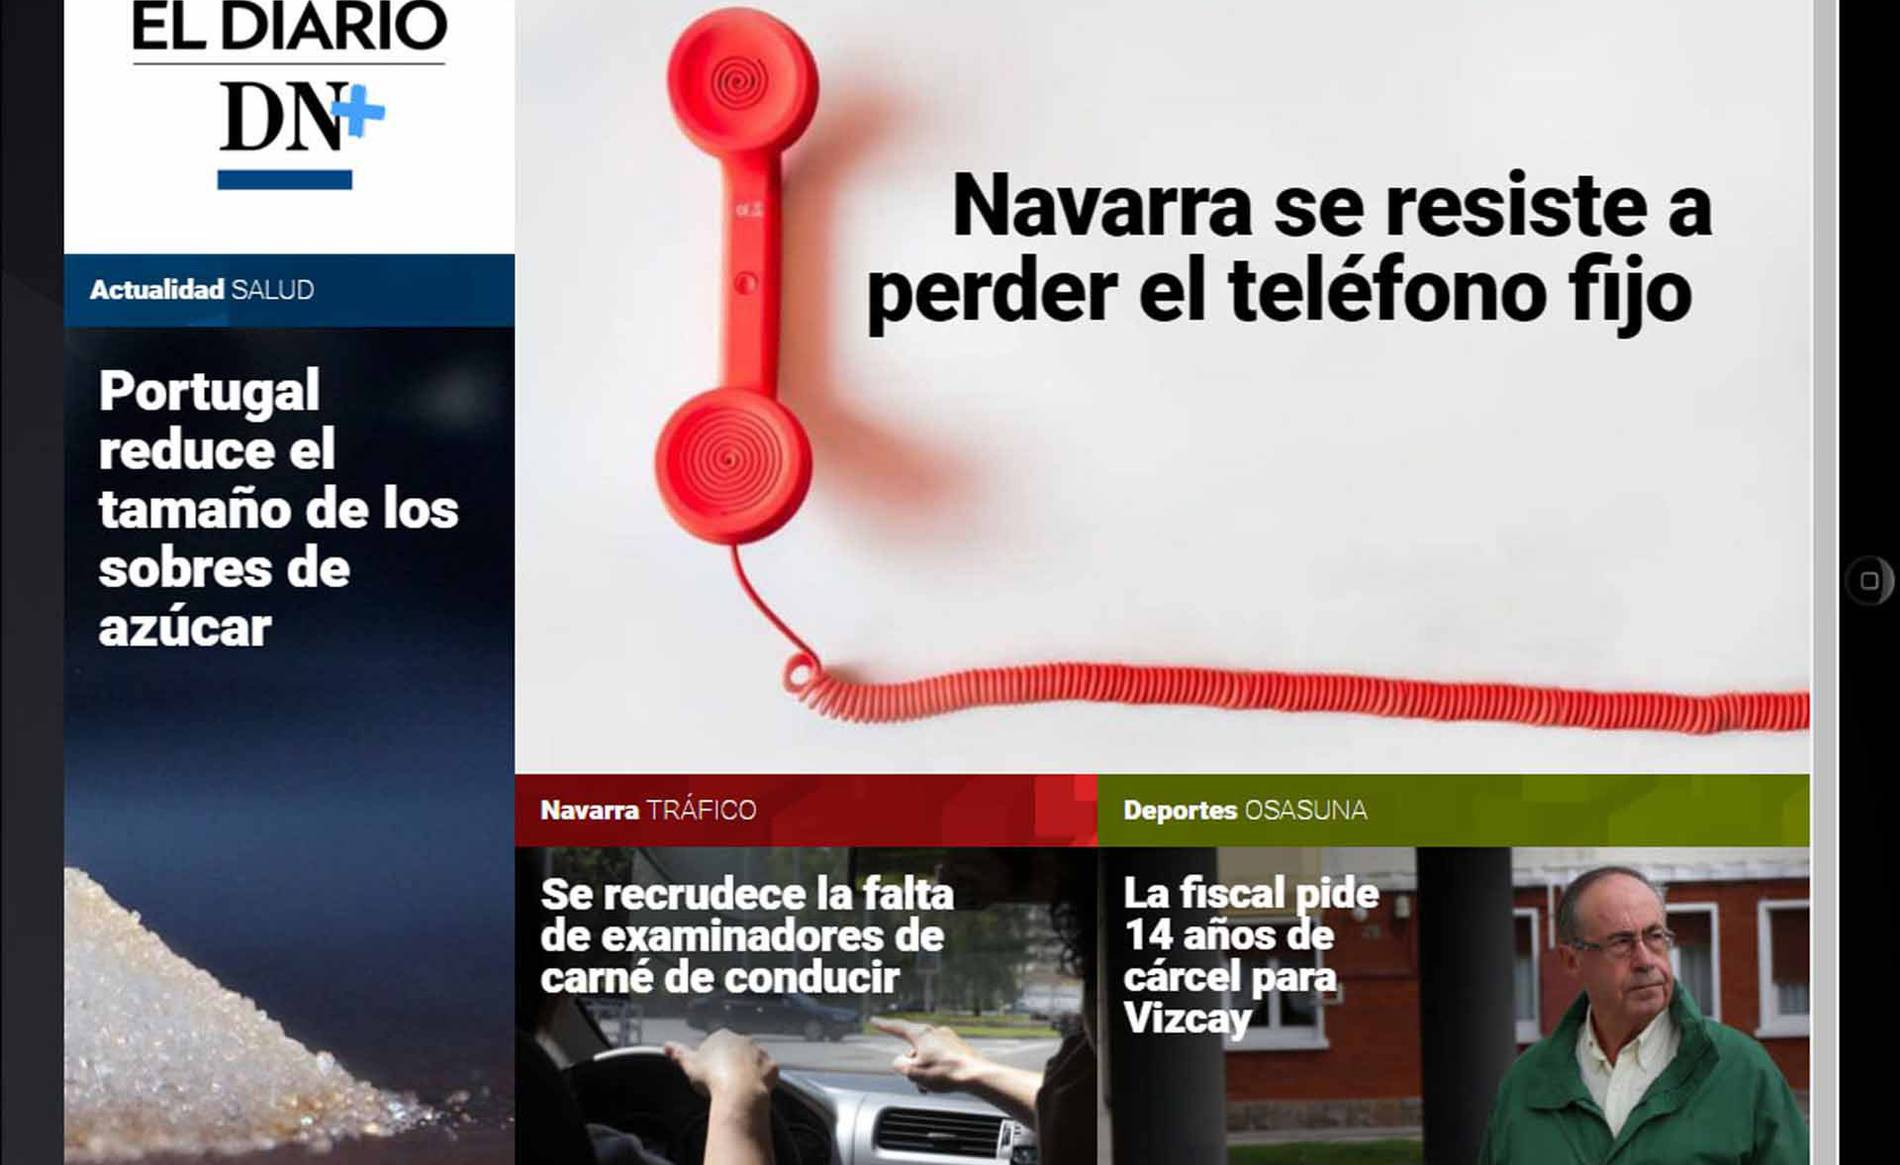 La escasez de examinadores de conducir, hoy en el Diario DN+ (1/6) - El nuevo decreto sobre el uso del euskera, la mejor profesora del mundo y la floración en España son otros de los temas. - Contenidos -